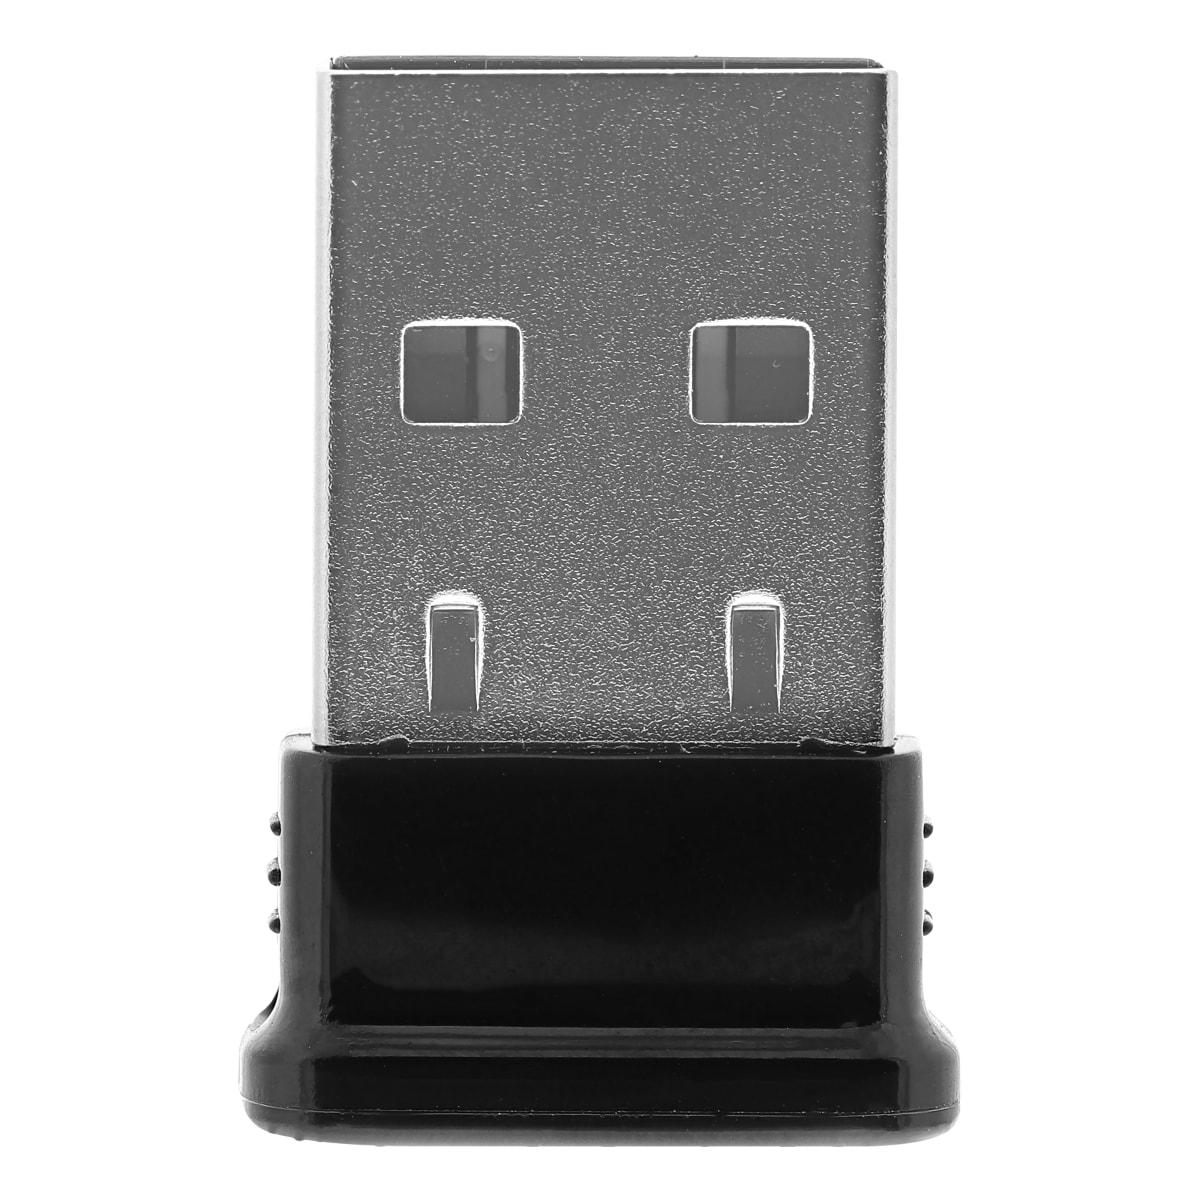 Bluetooth 4.0 USB Adapter